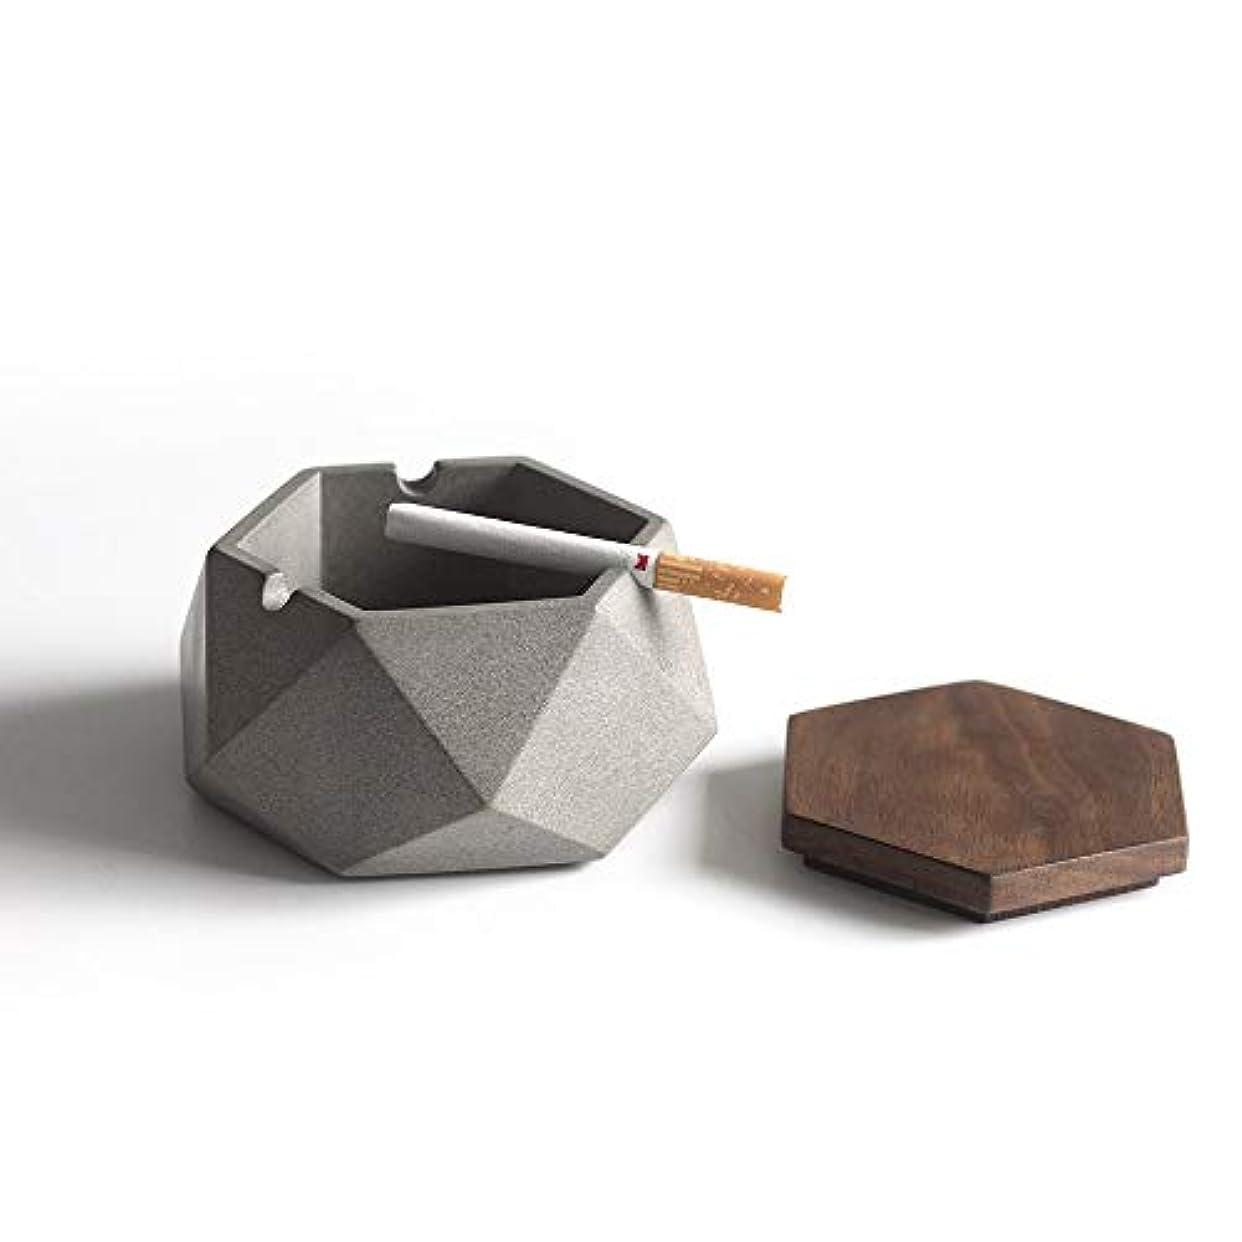 する必要があるアンテナ薄汚いタバコのための大きい防風灰皿パティオのための屋外の灰皿家/オフィスのための美しい卓上の煙の灰皿